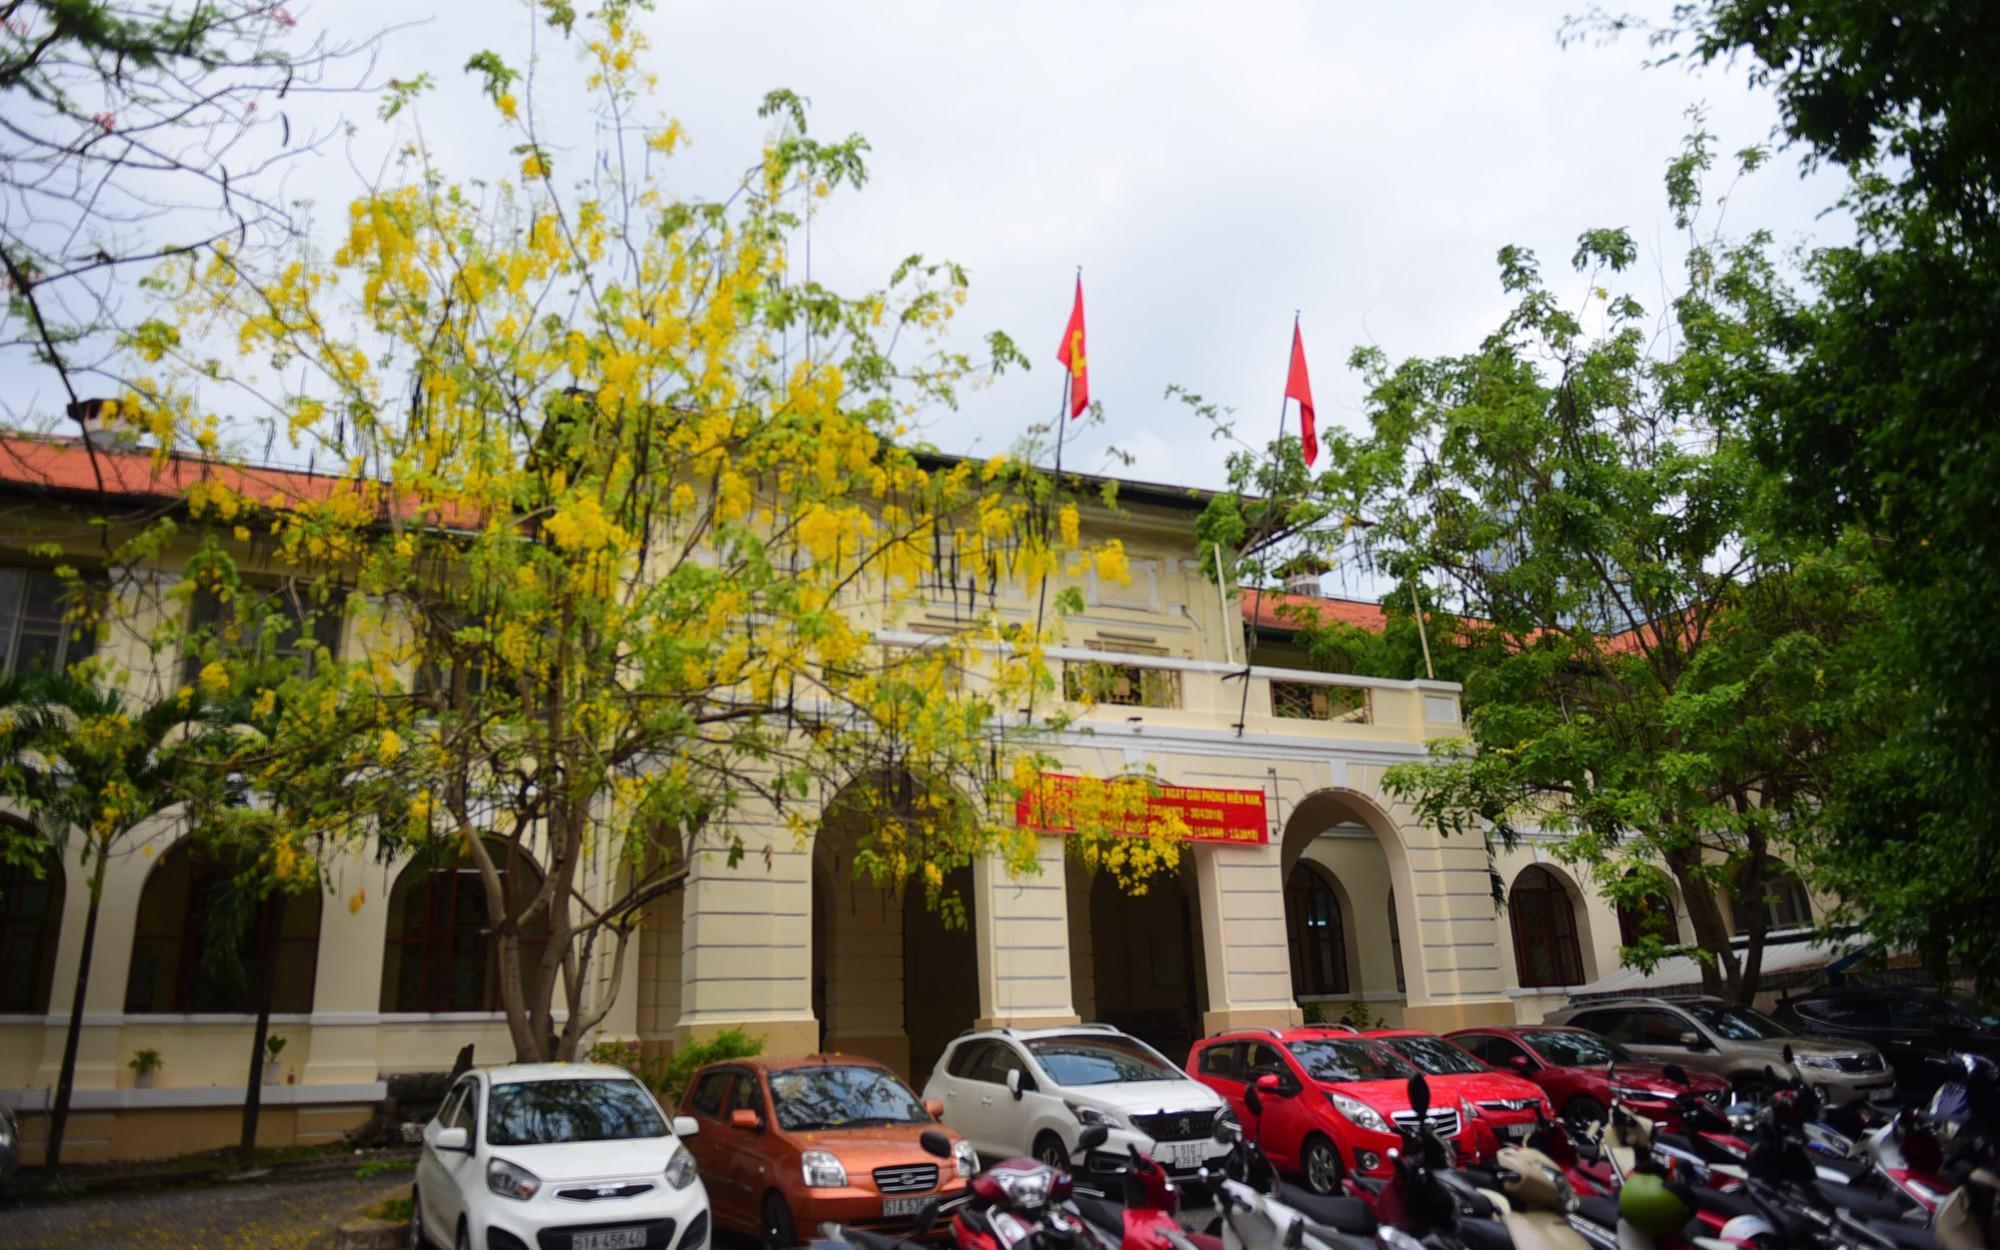 Cận cảnh dinh Thượng Thơ 120 năm tuổi ở Sài Gòn có nguy cơ bị đập bỏ - Ảnh 1.